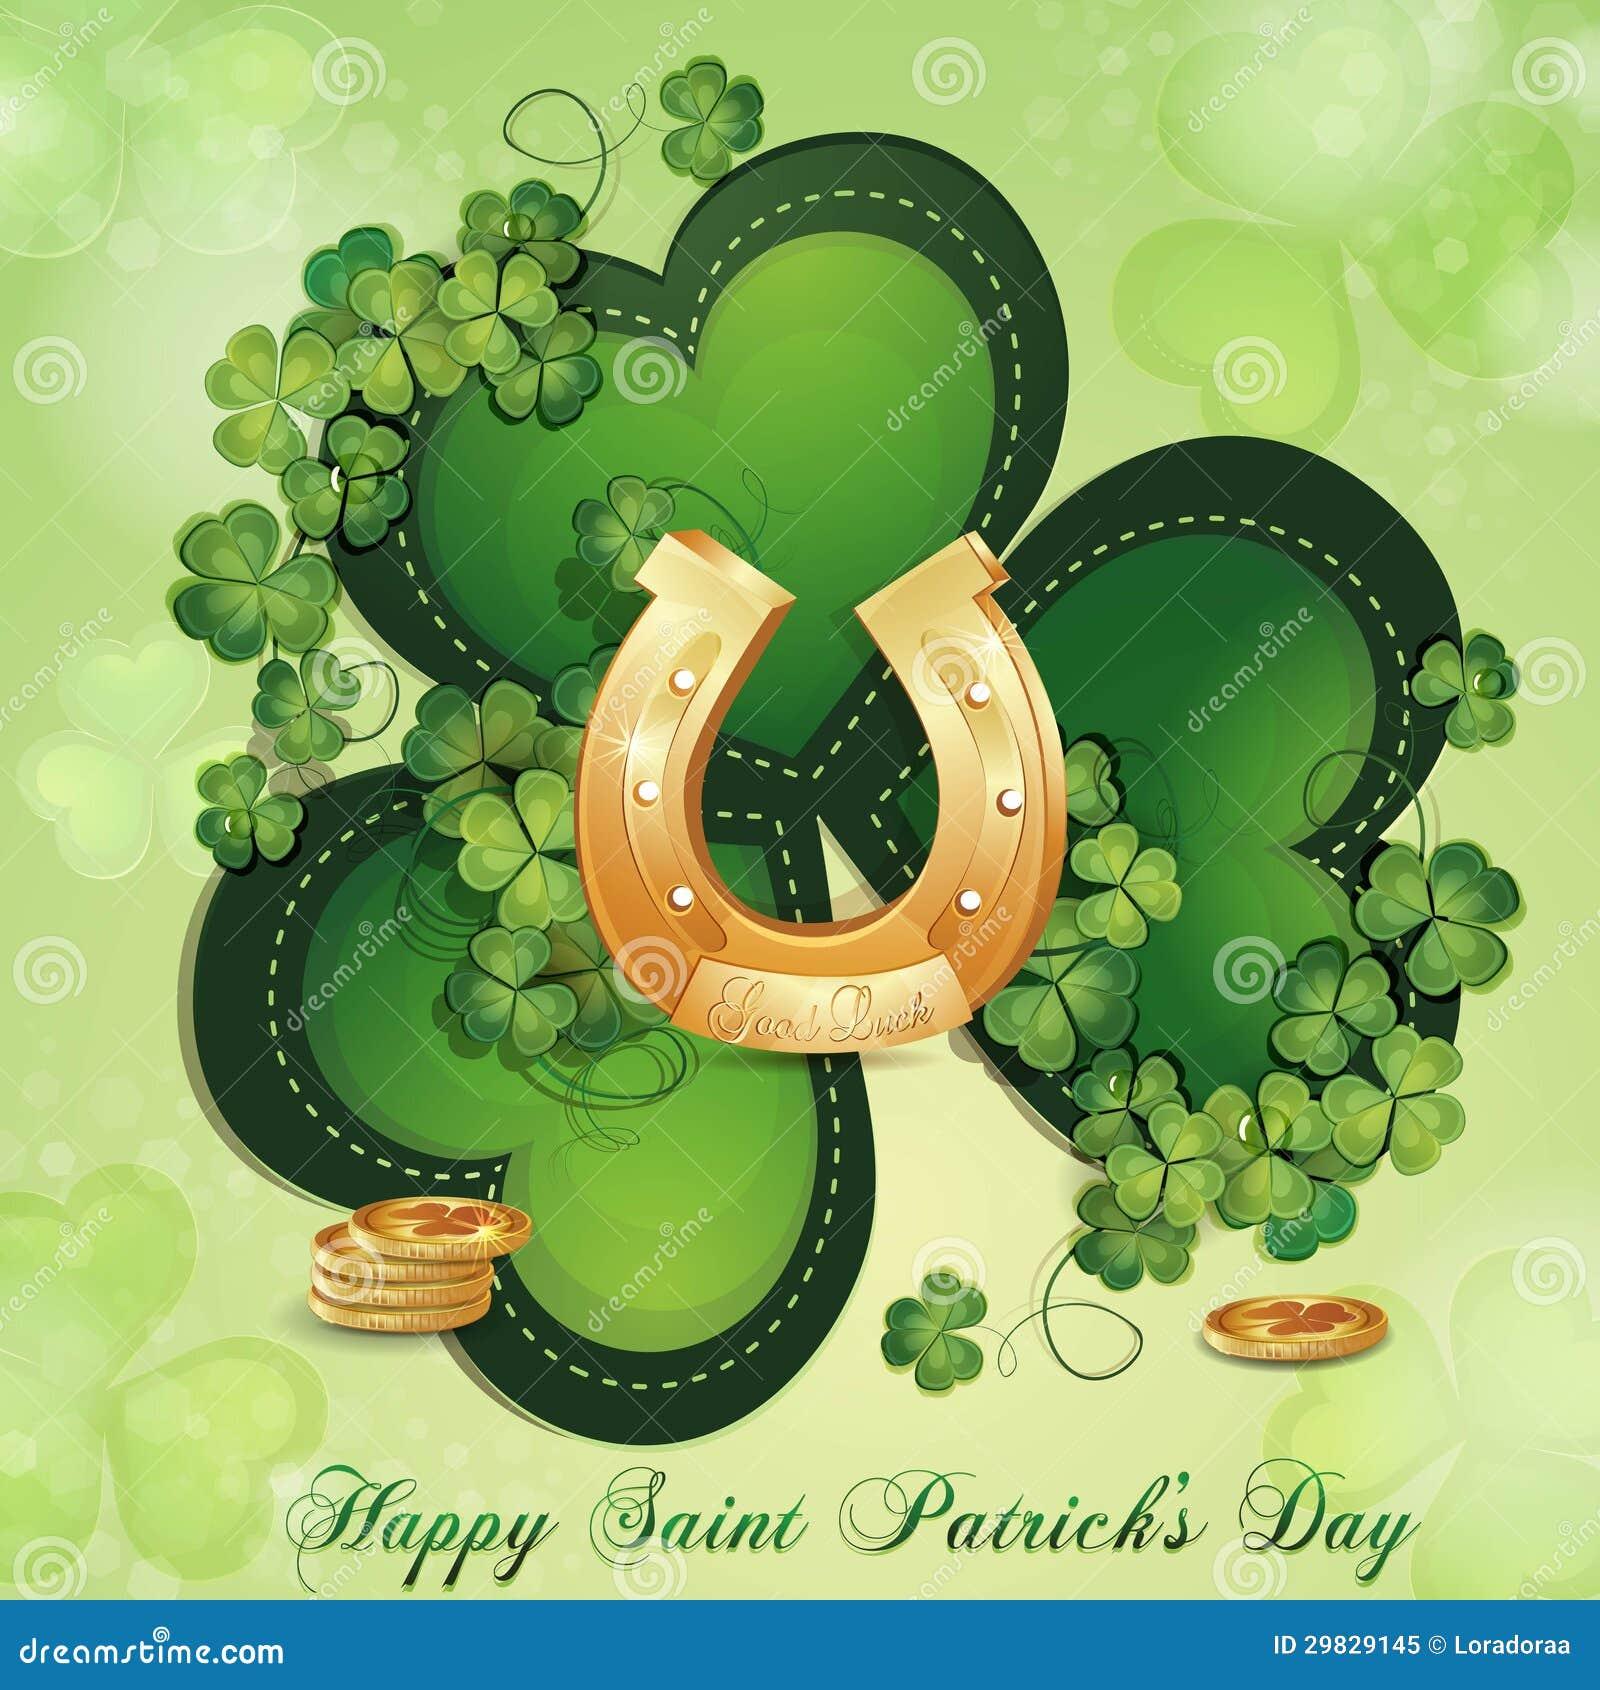 Cartão do dia de Patrick de Saint